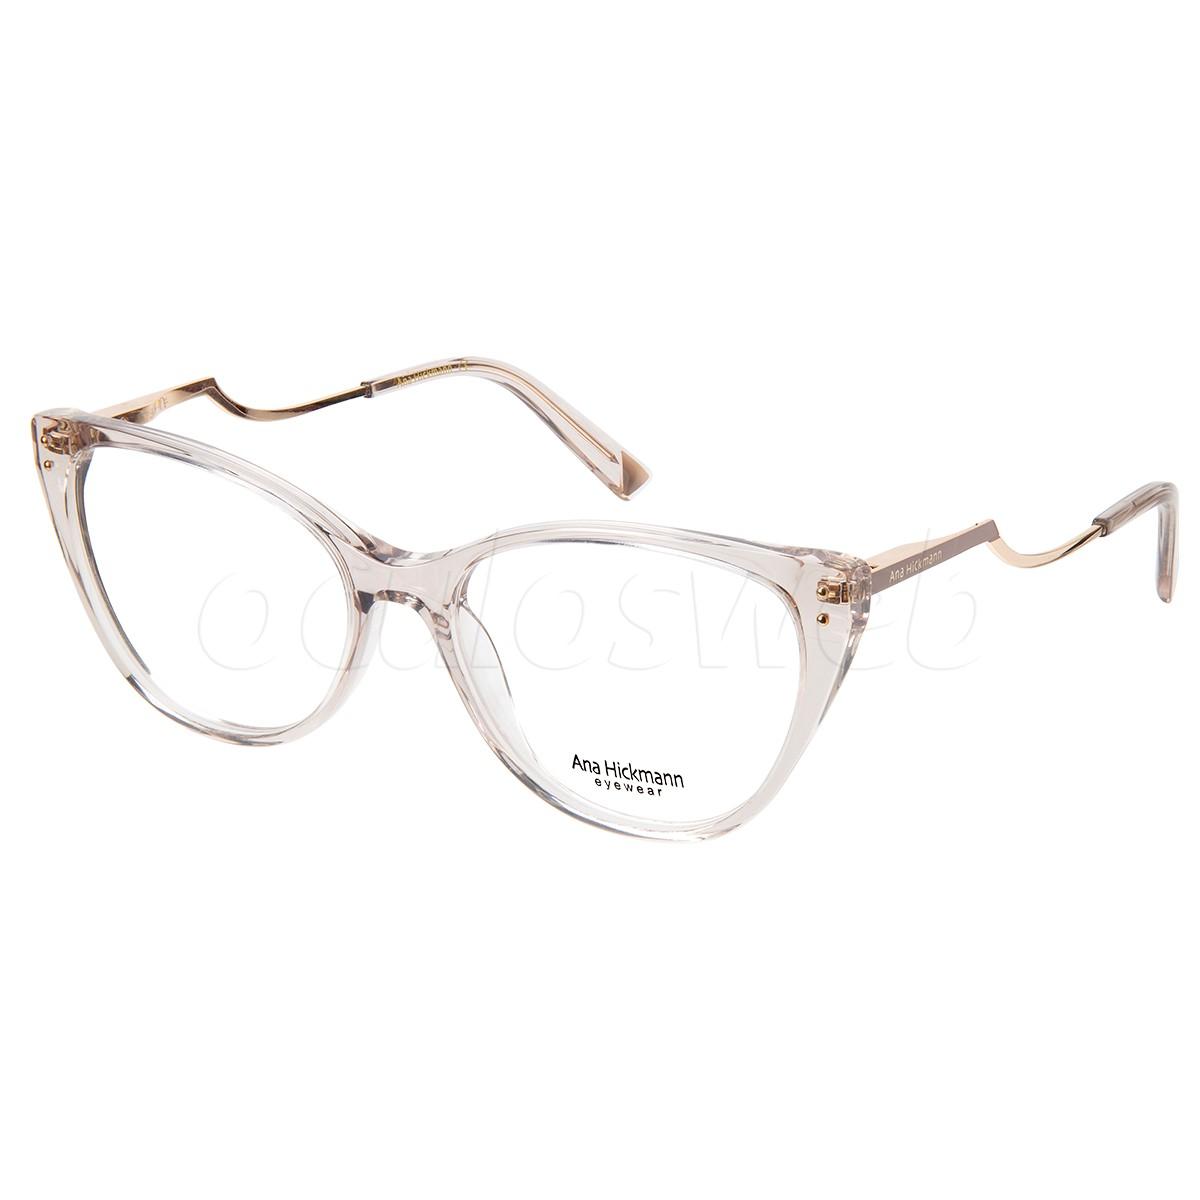 Óculos de Grau Ana Hickmann AH6403 Marrom Translúcido Gatinho